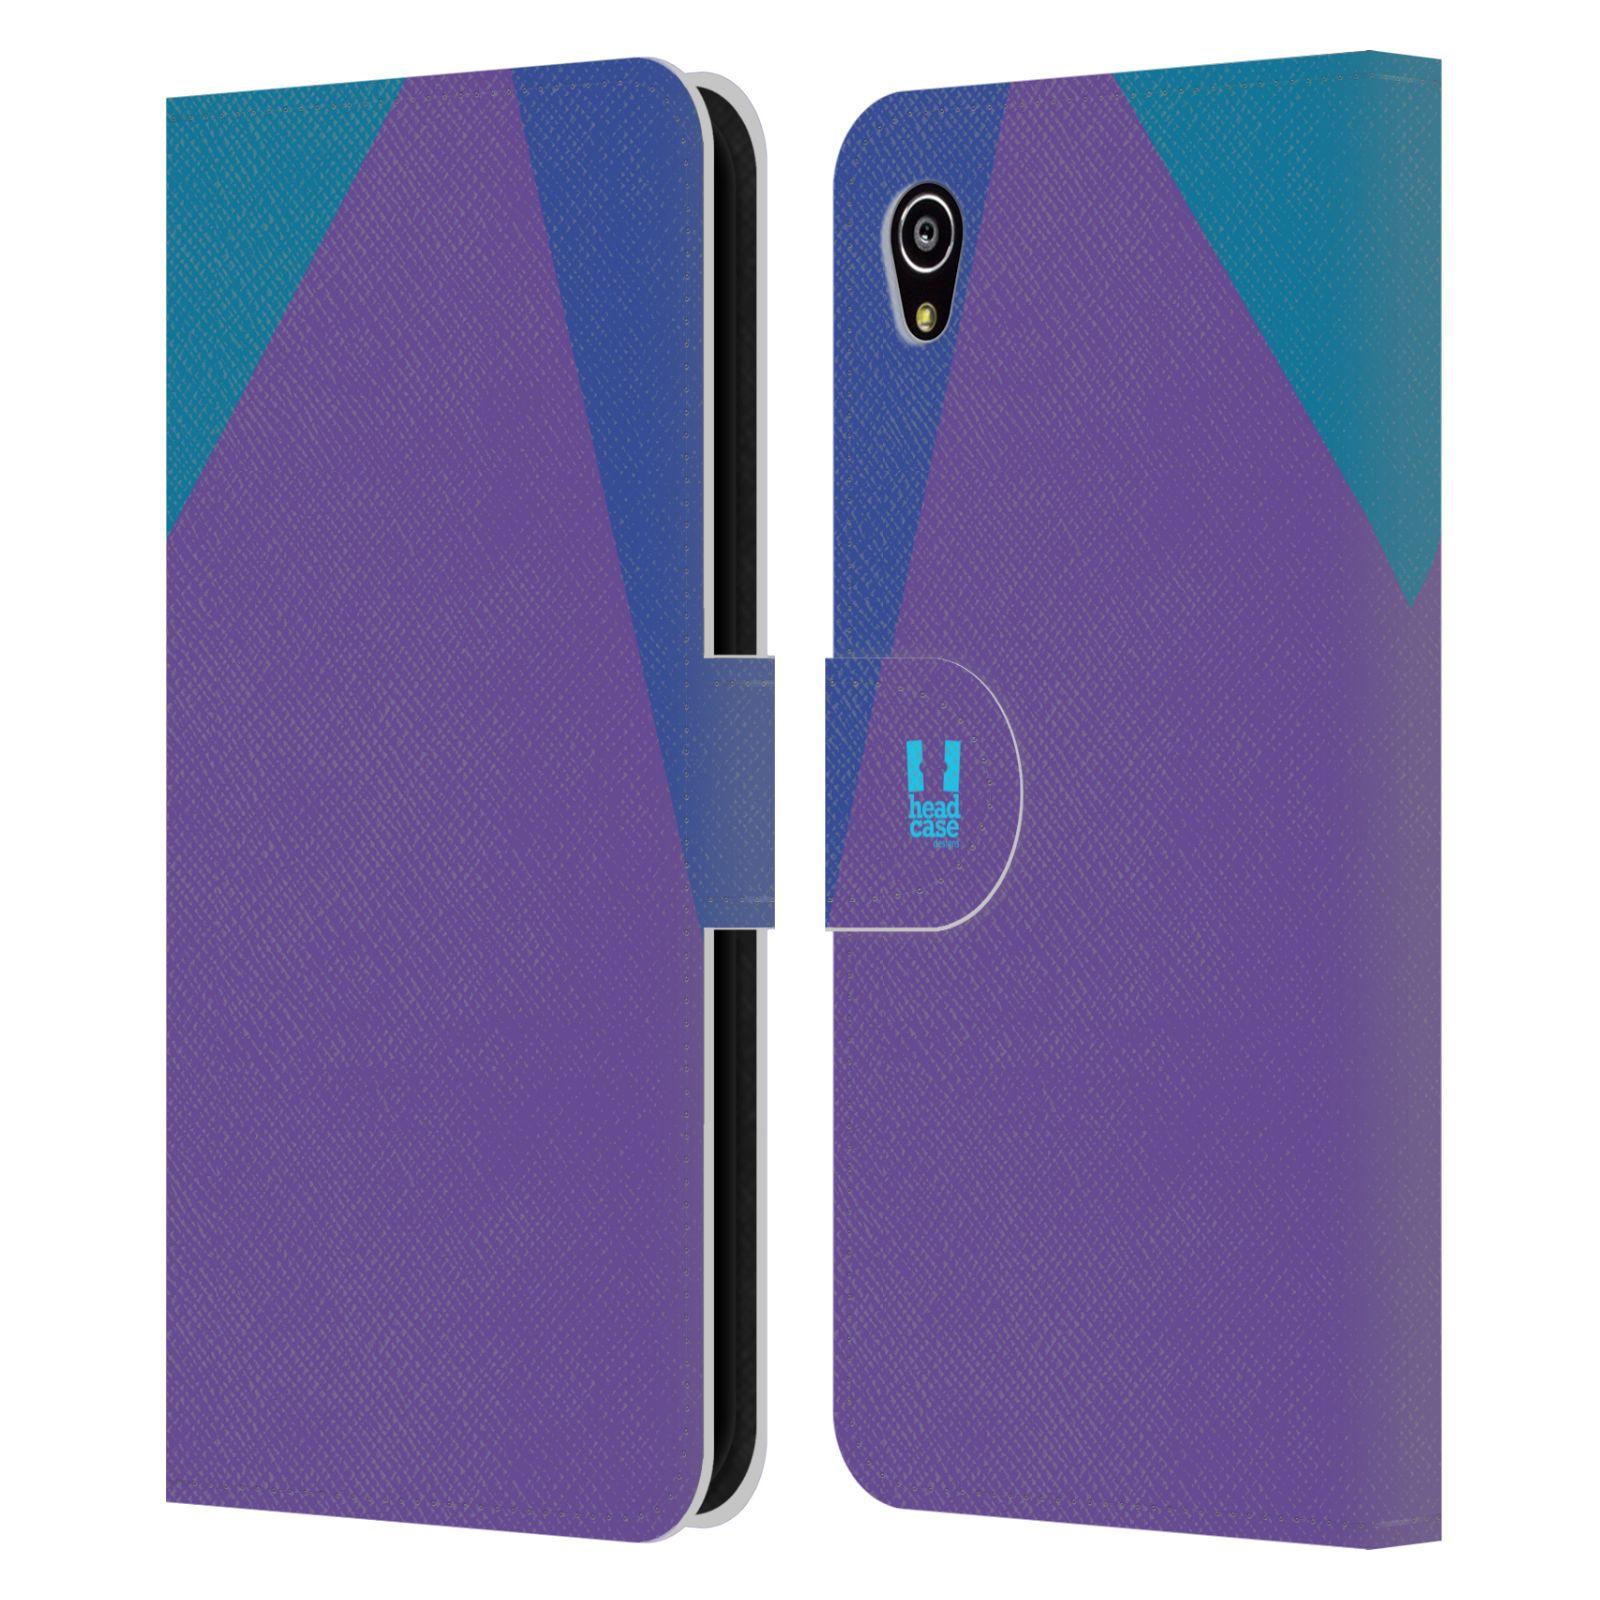 HEAD CASE Flipové pouzdro pro mobil SONY Xperia M4 Aqua barevné tvary fialová feminine